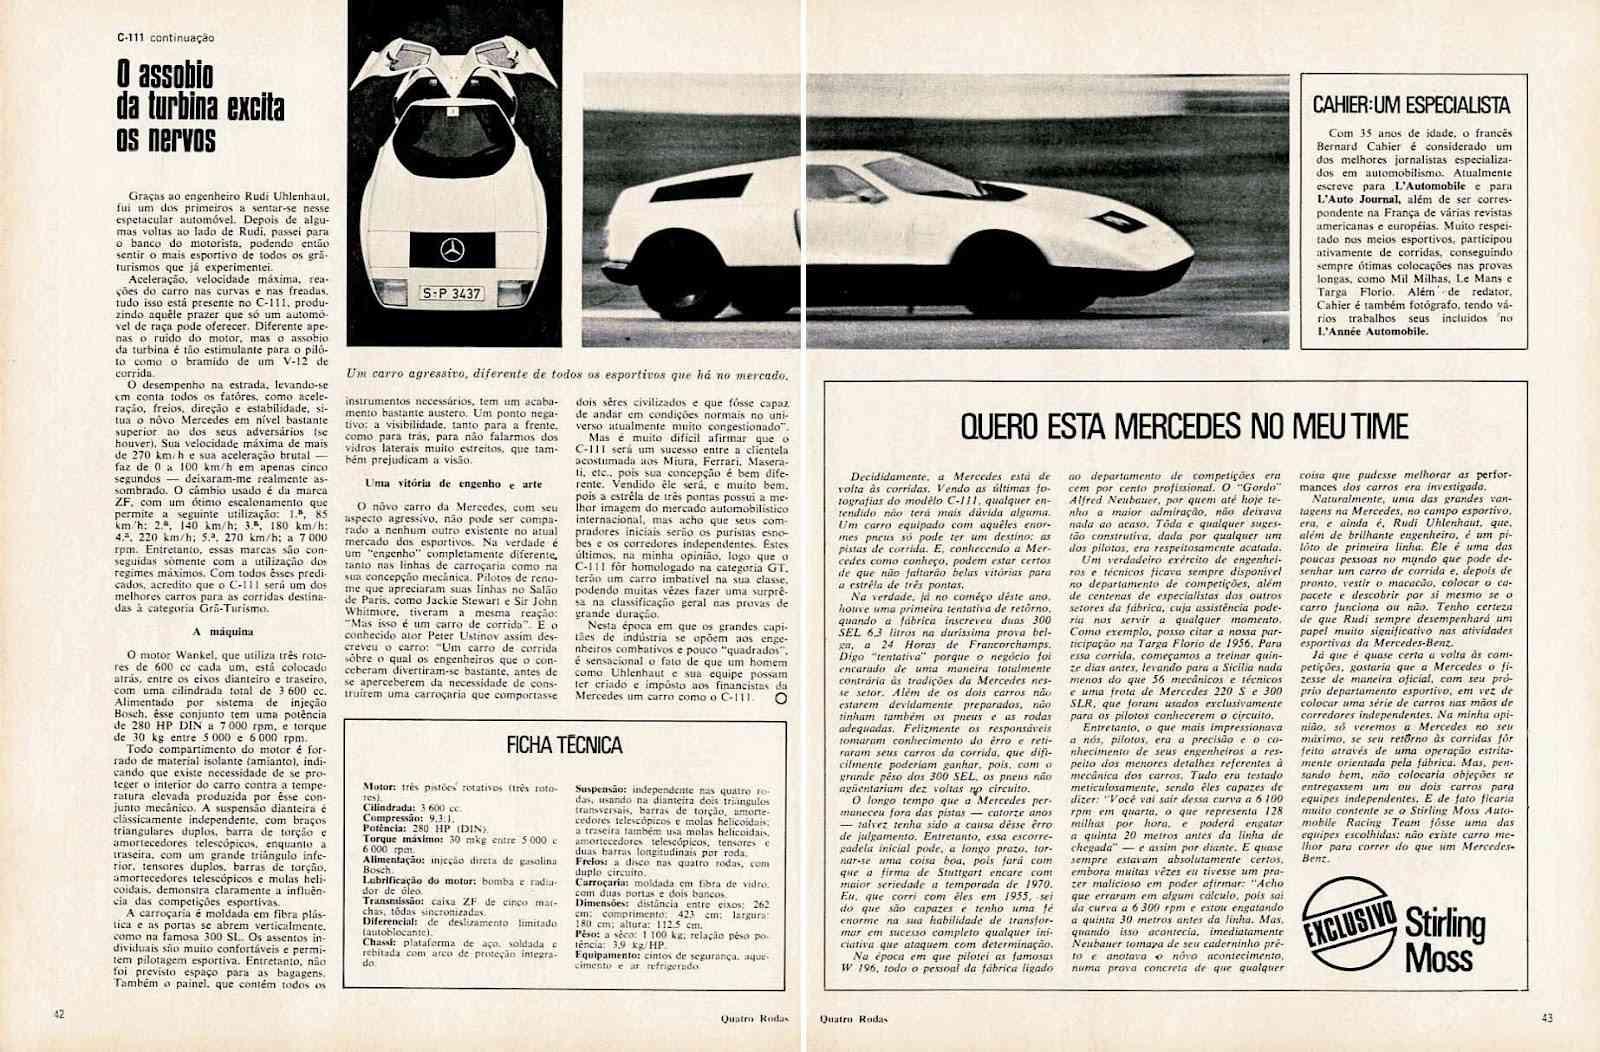 Matéria C111 Revista 4 Rodas com avaliação de Stirling Moss - NOV/1969 C9afe410